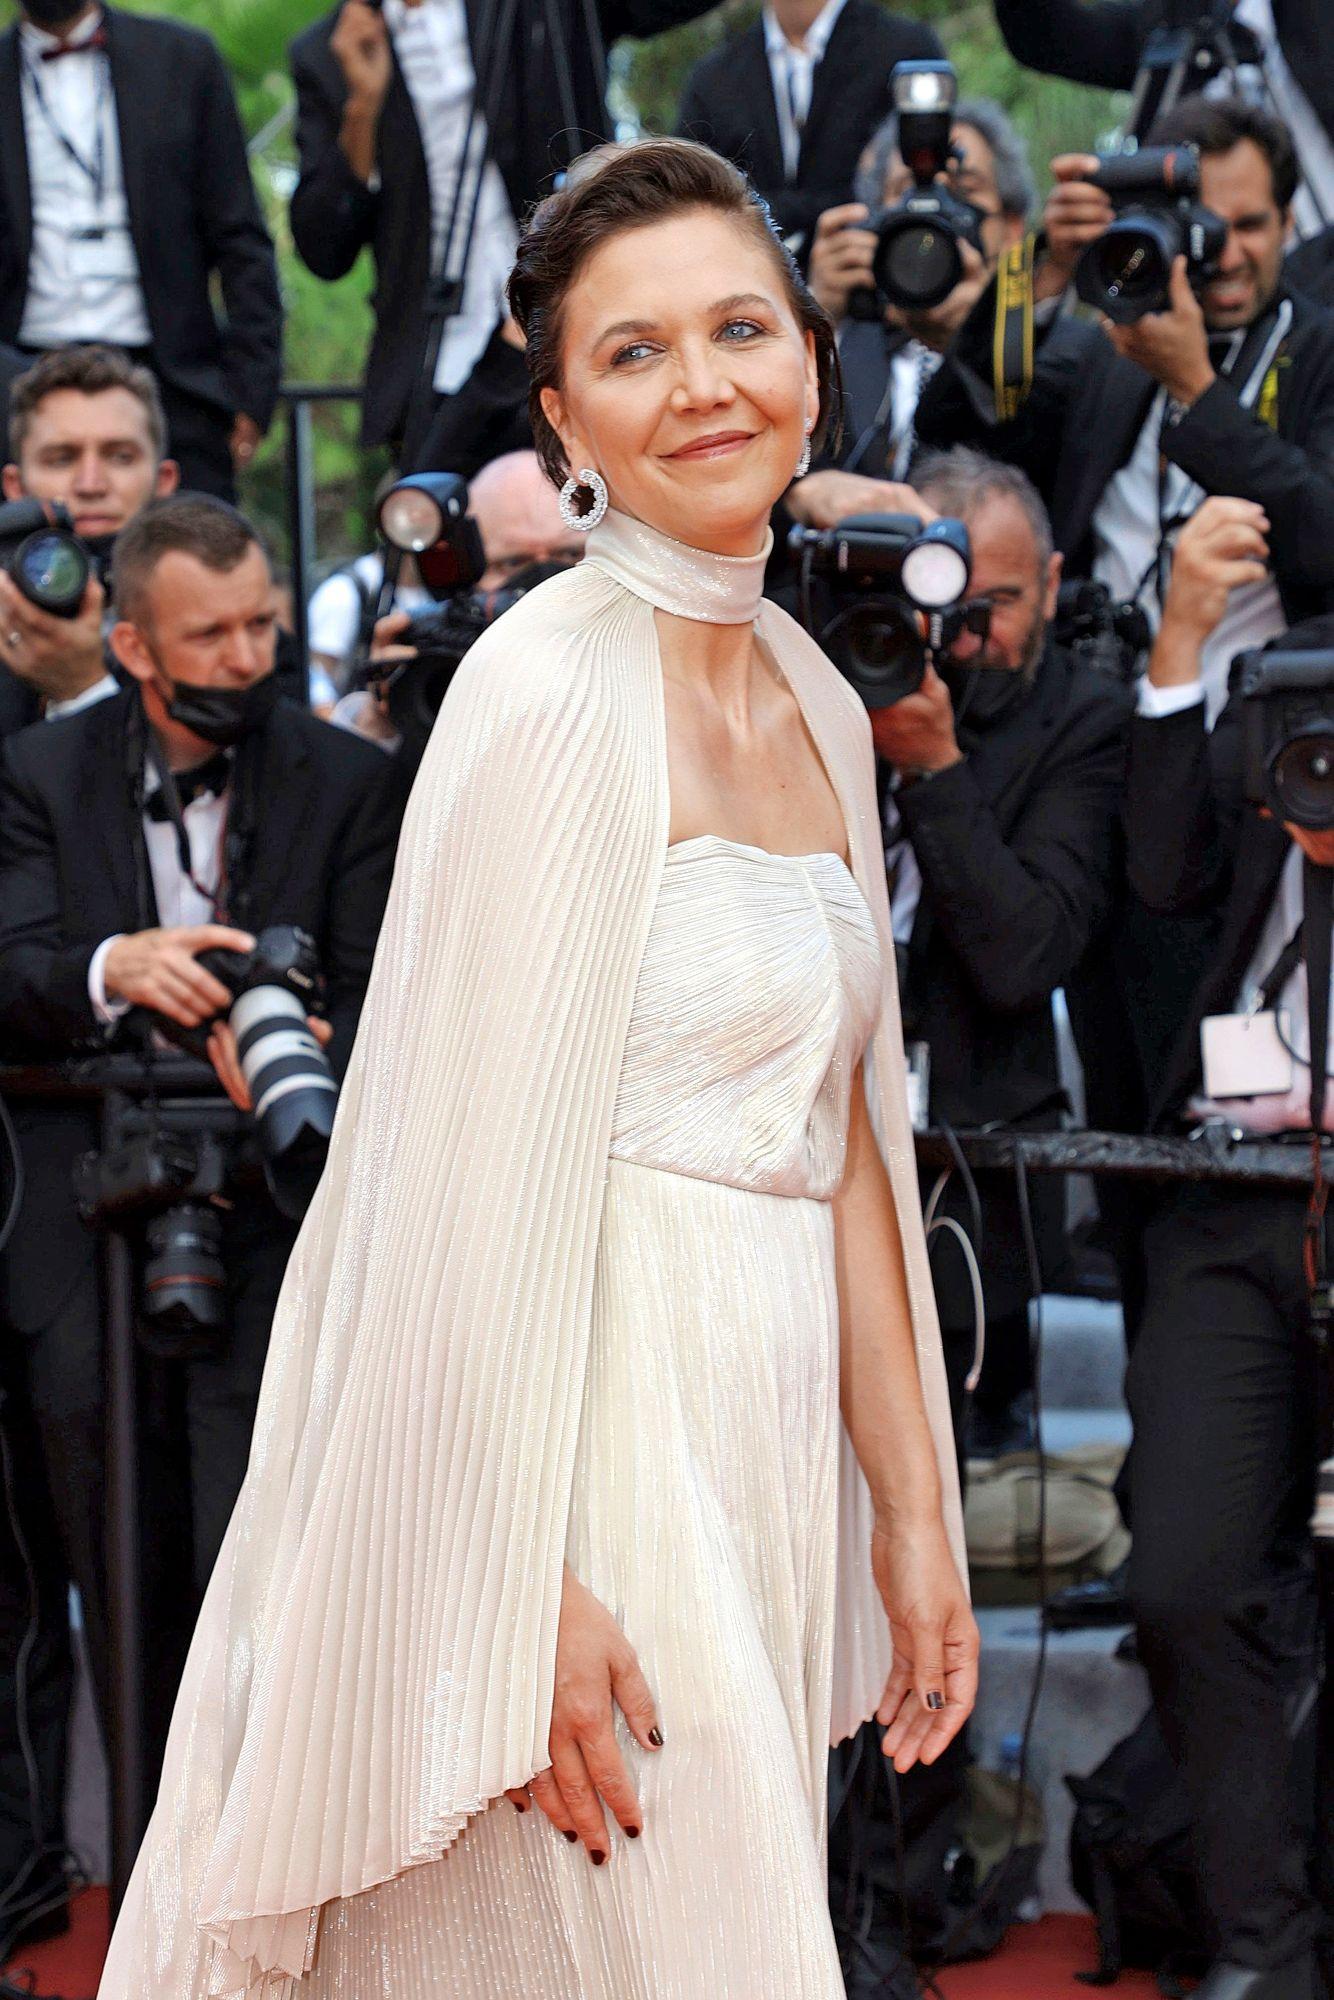 Näyttelijä Maggie Gyllenhaal on mukana tämän vuoden juryssa, jota luotsaa Spike Lee. © SYSPEO / Sipa Press / MVPhotos